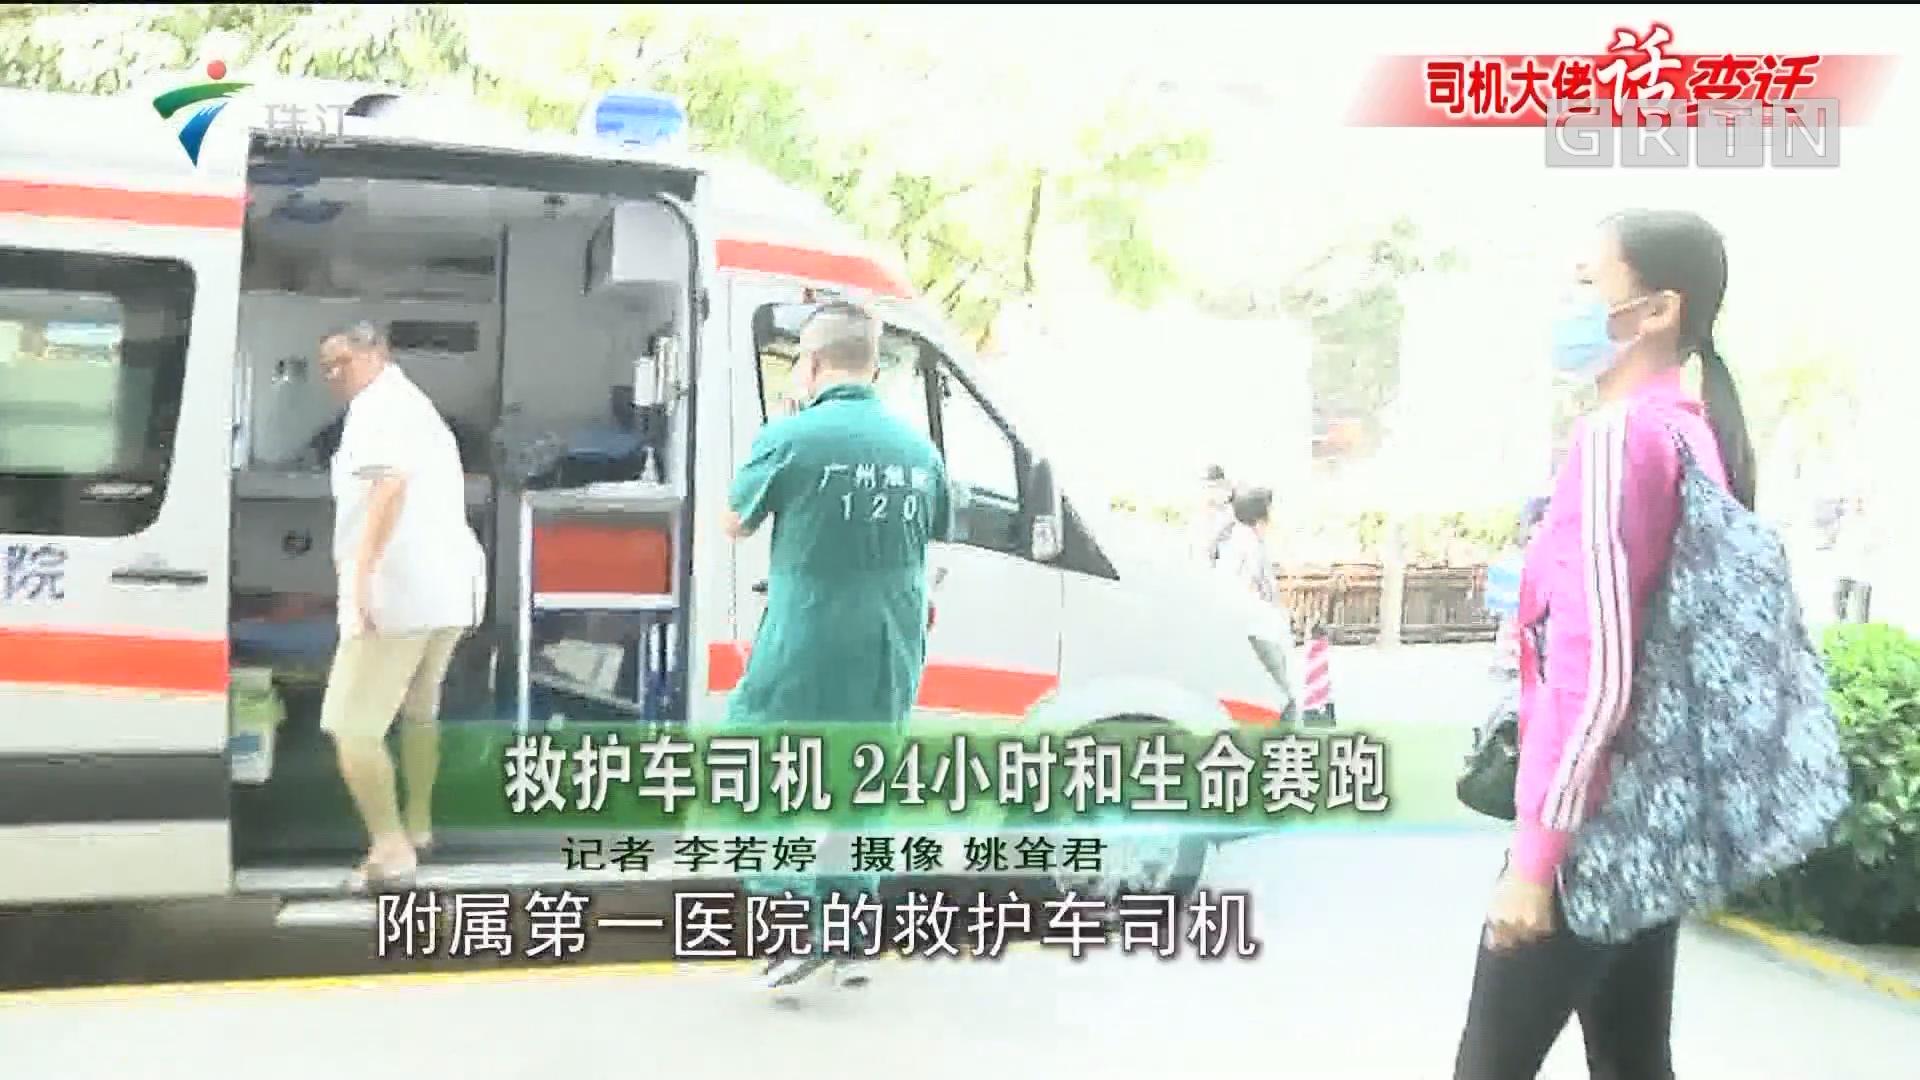 救护车司机 24小时和生命赛跑